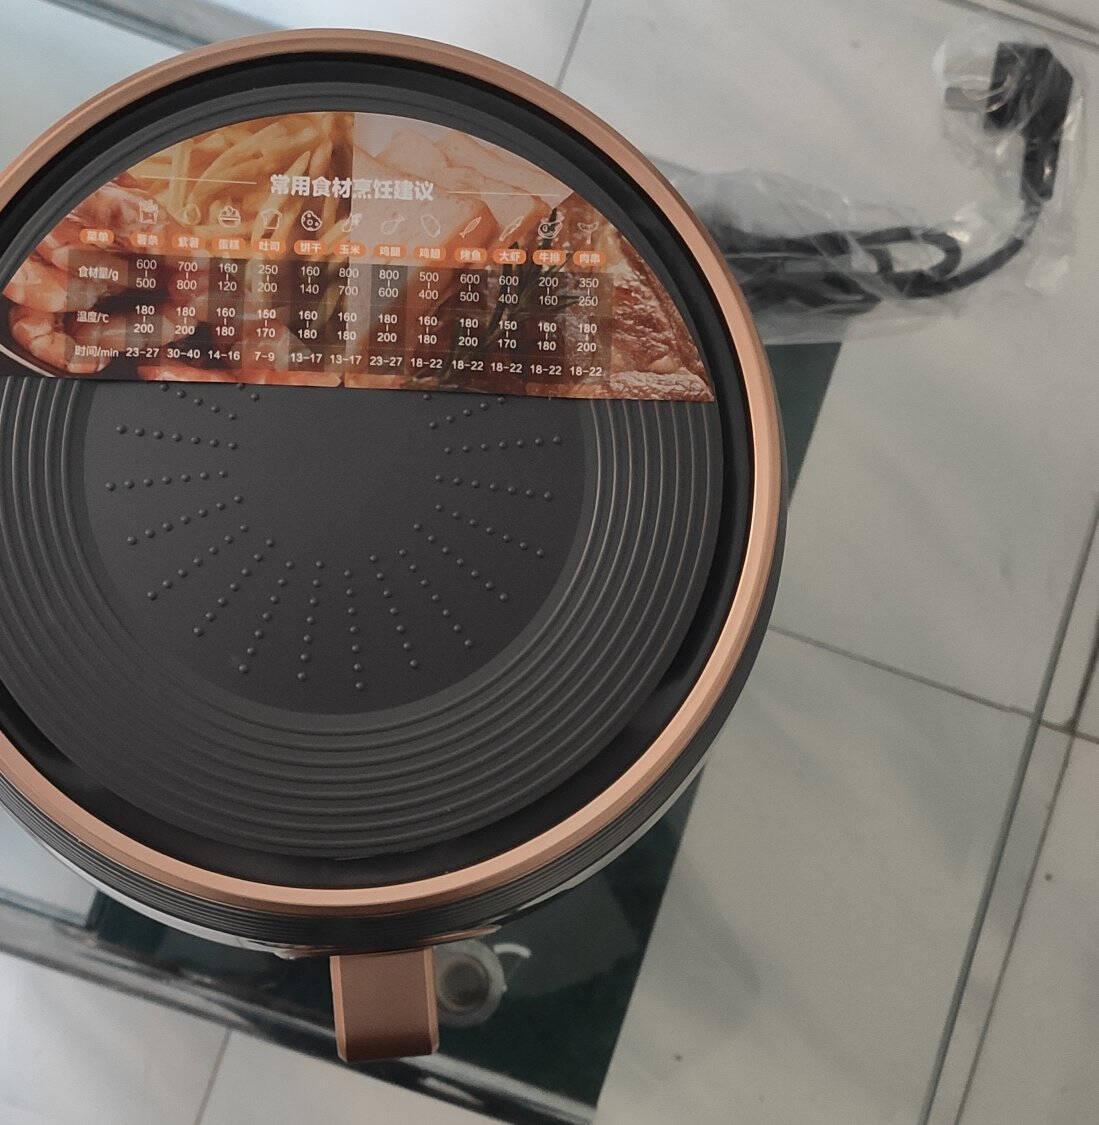 苏泊尔(SUPOR)空气炸锅家用4.5L大容量多功能蒸汽炸锅无油煎炸智能液晶触控烤箱薯条机KD45DQ817